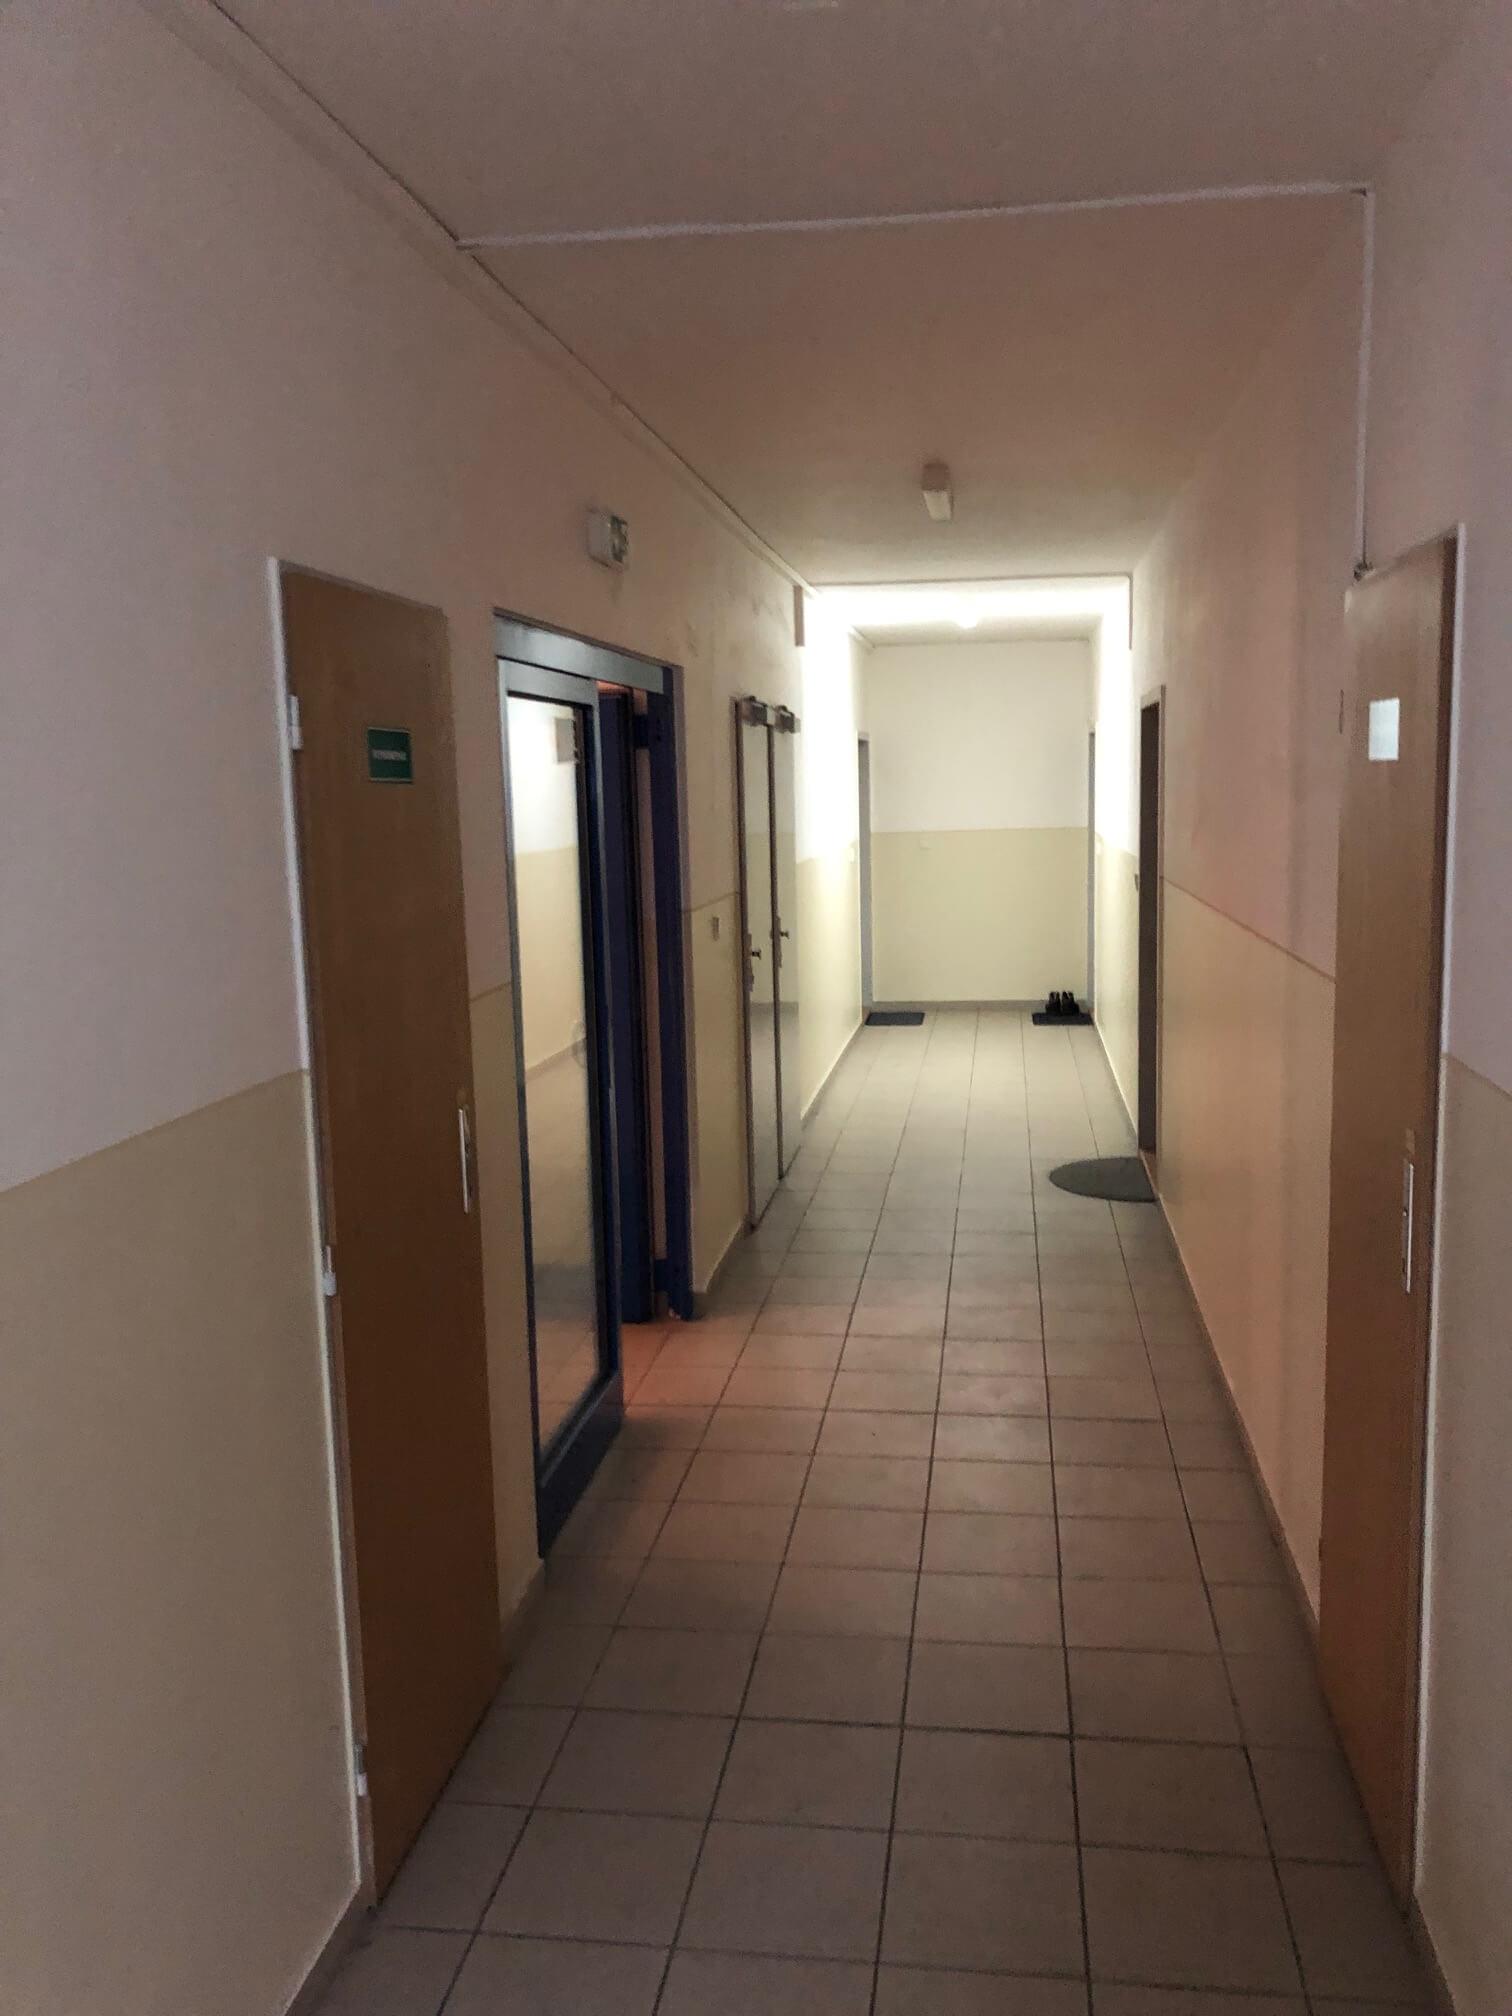 Predané: Exkluzívne na predaj 3 izb. byt, 72 m2, balkón 8 m2, parkovacie státie, Bratislava, Petržalka, Budatínska-27